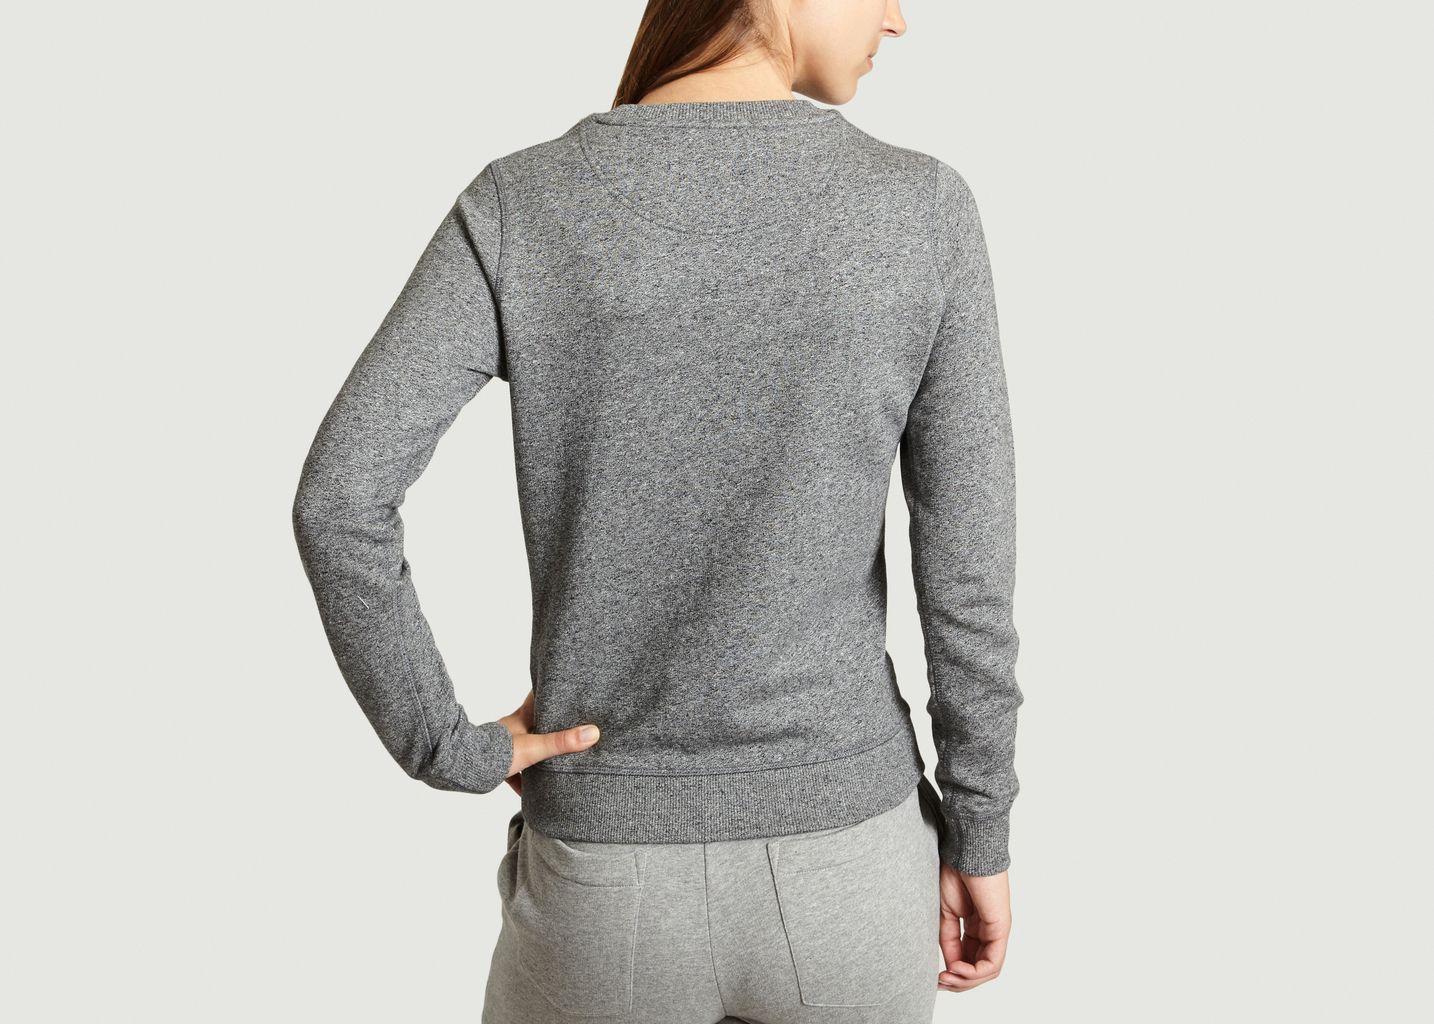 Tiger Sweatshirt - Kenzo